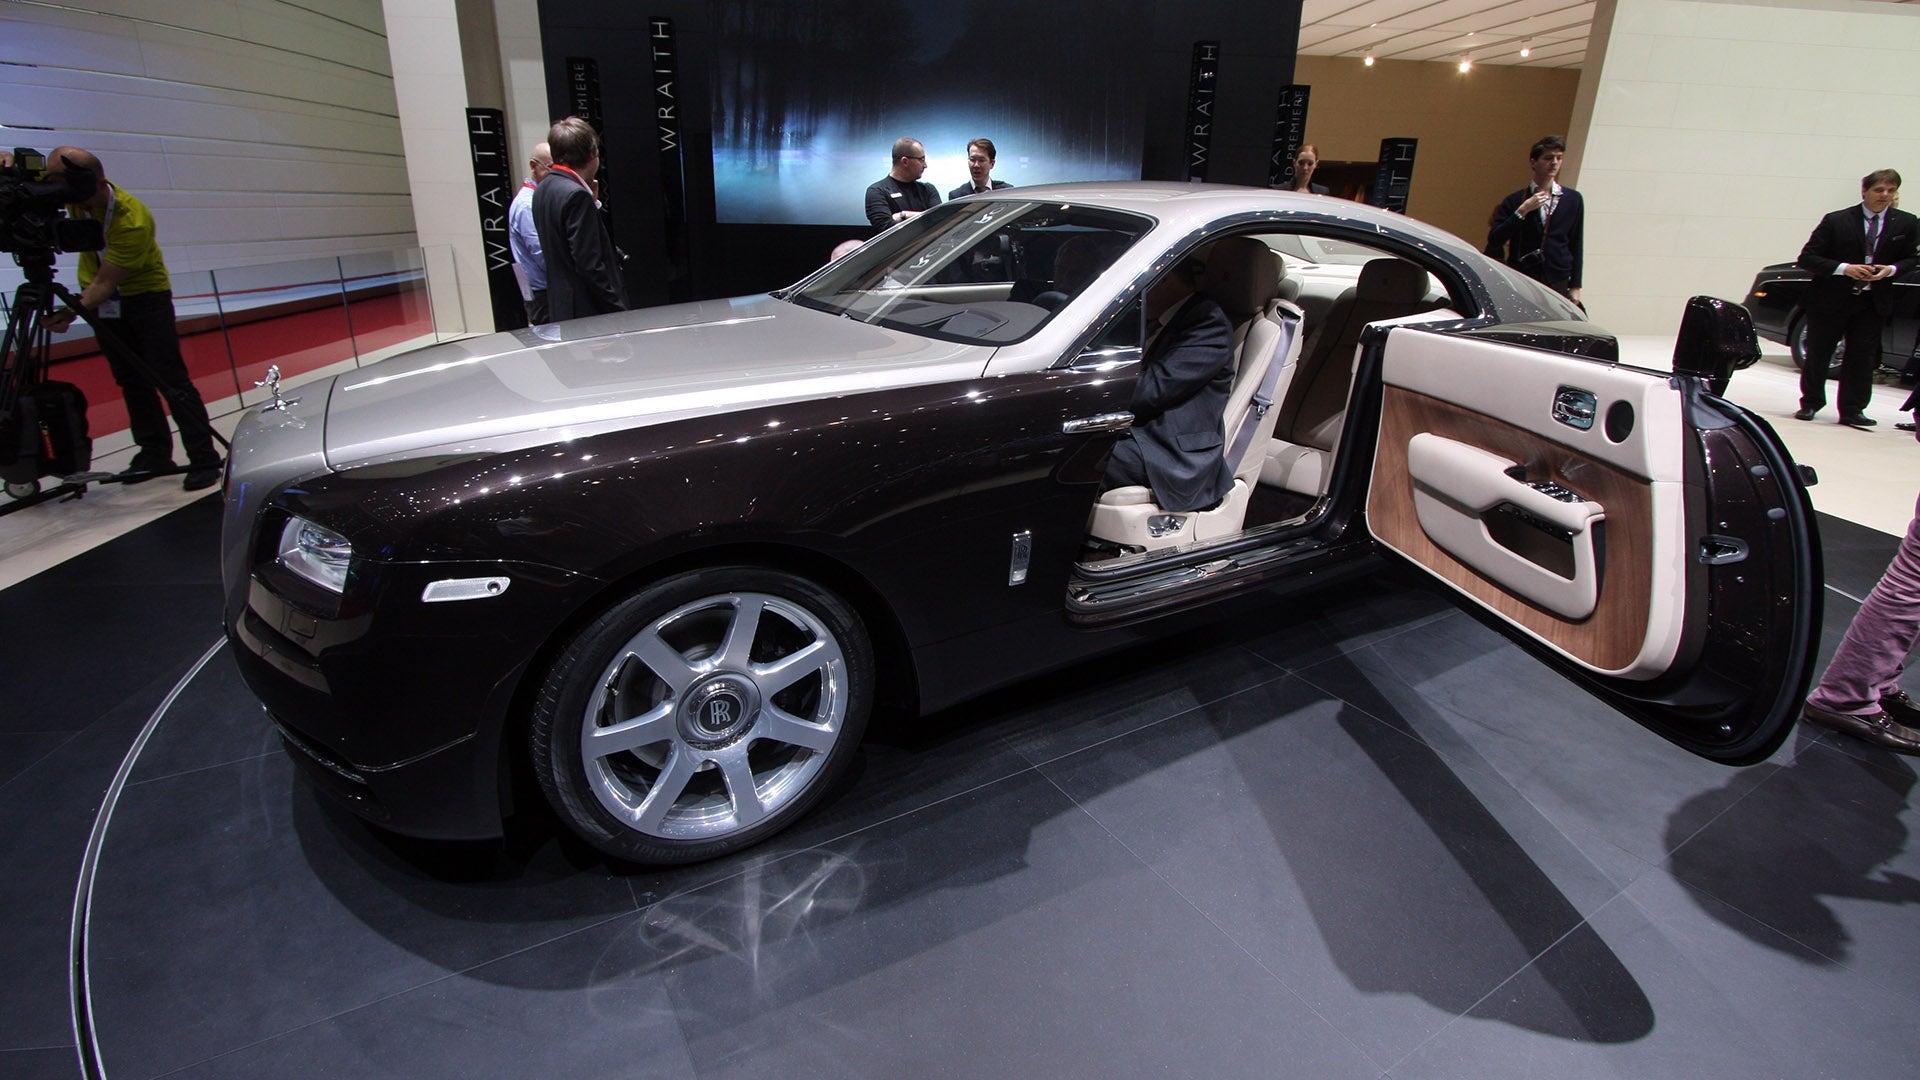 & The Rolls-Royce Wraith Has Massive Suicide Doors